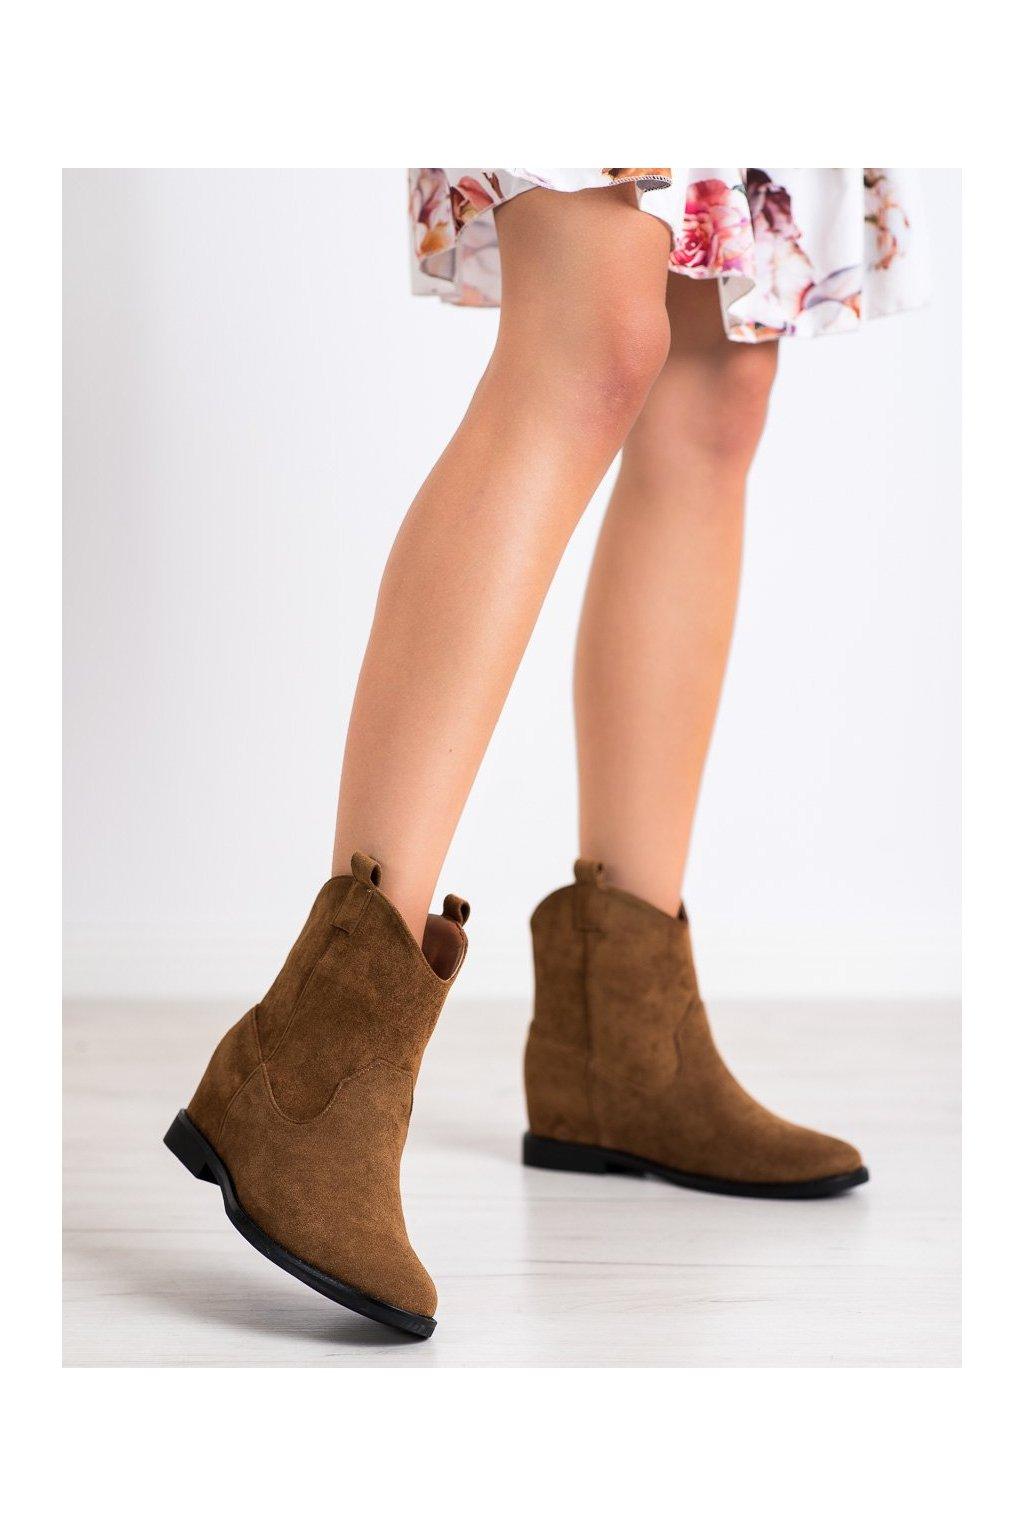 Hnedé dámske topánky Shelovet kod J936C